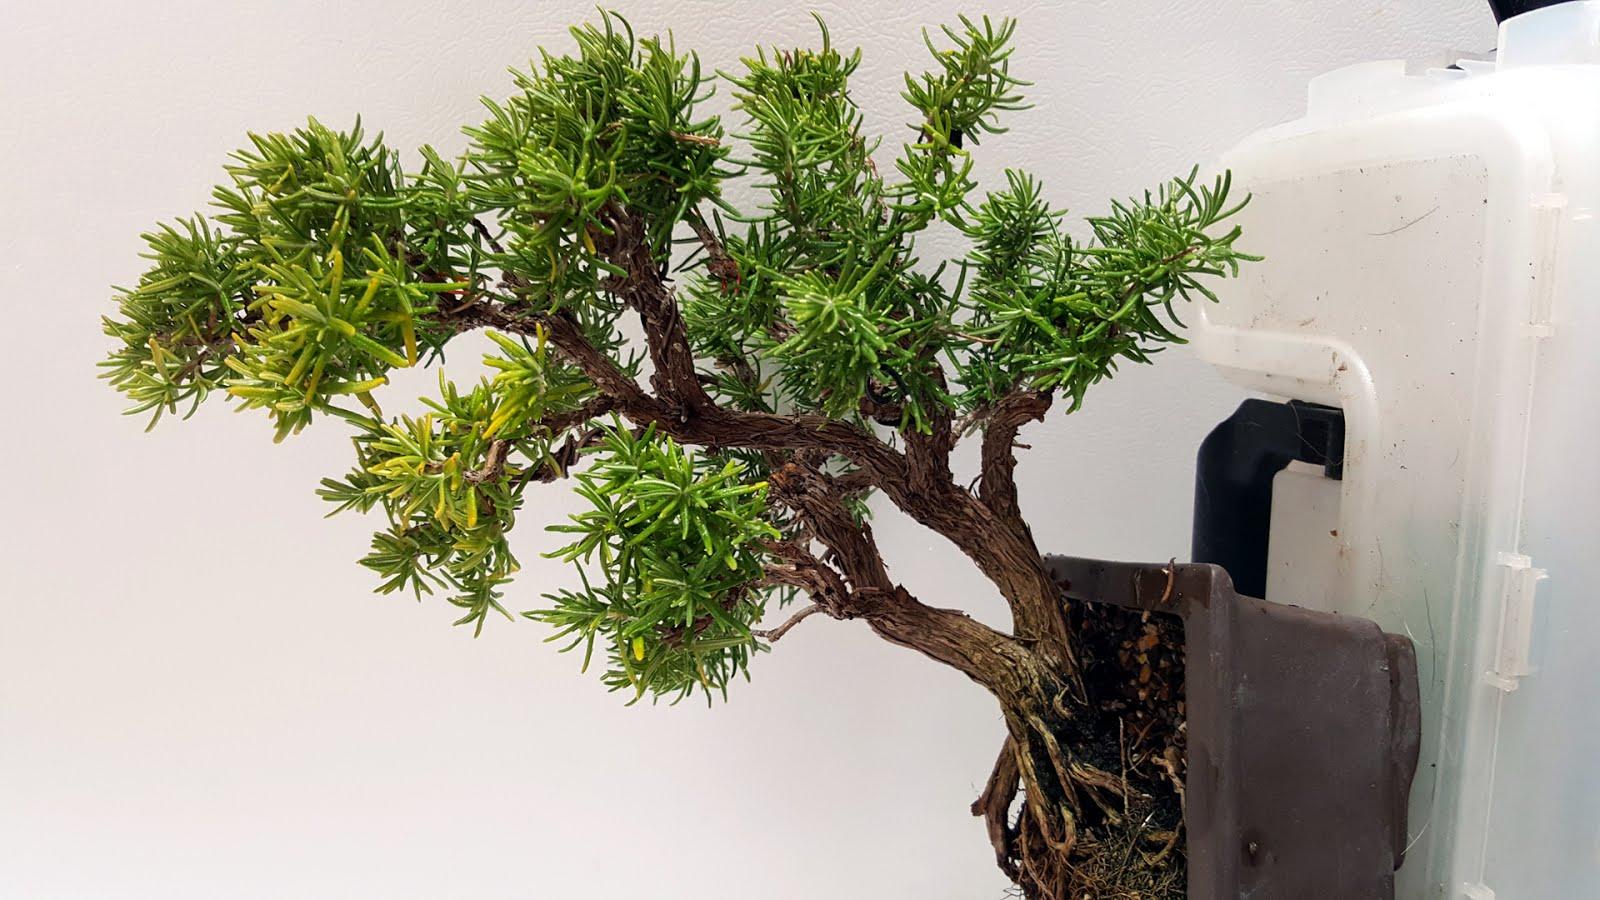 Bonsai Misadventures Rosemary Bush Year End Bonsai